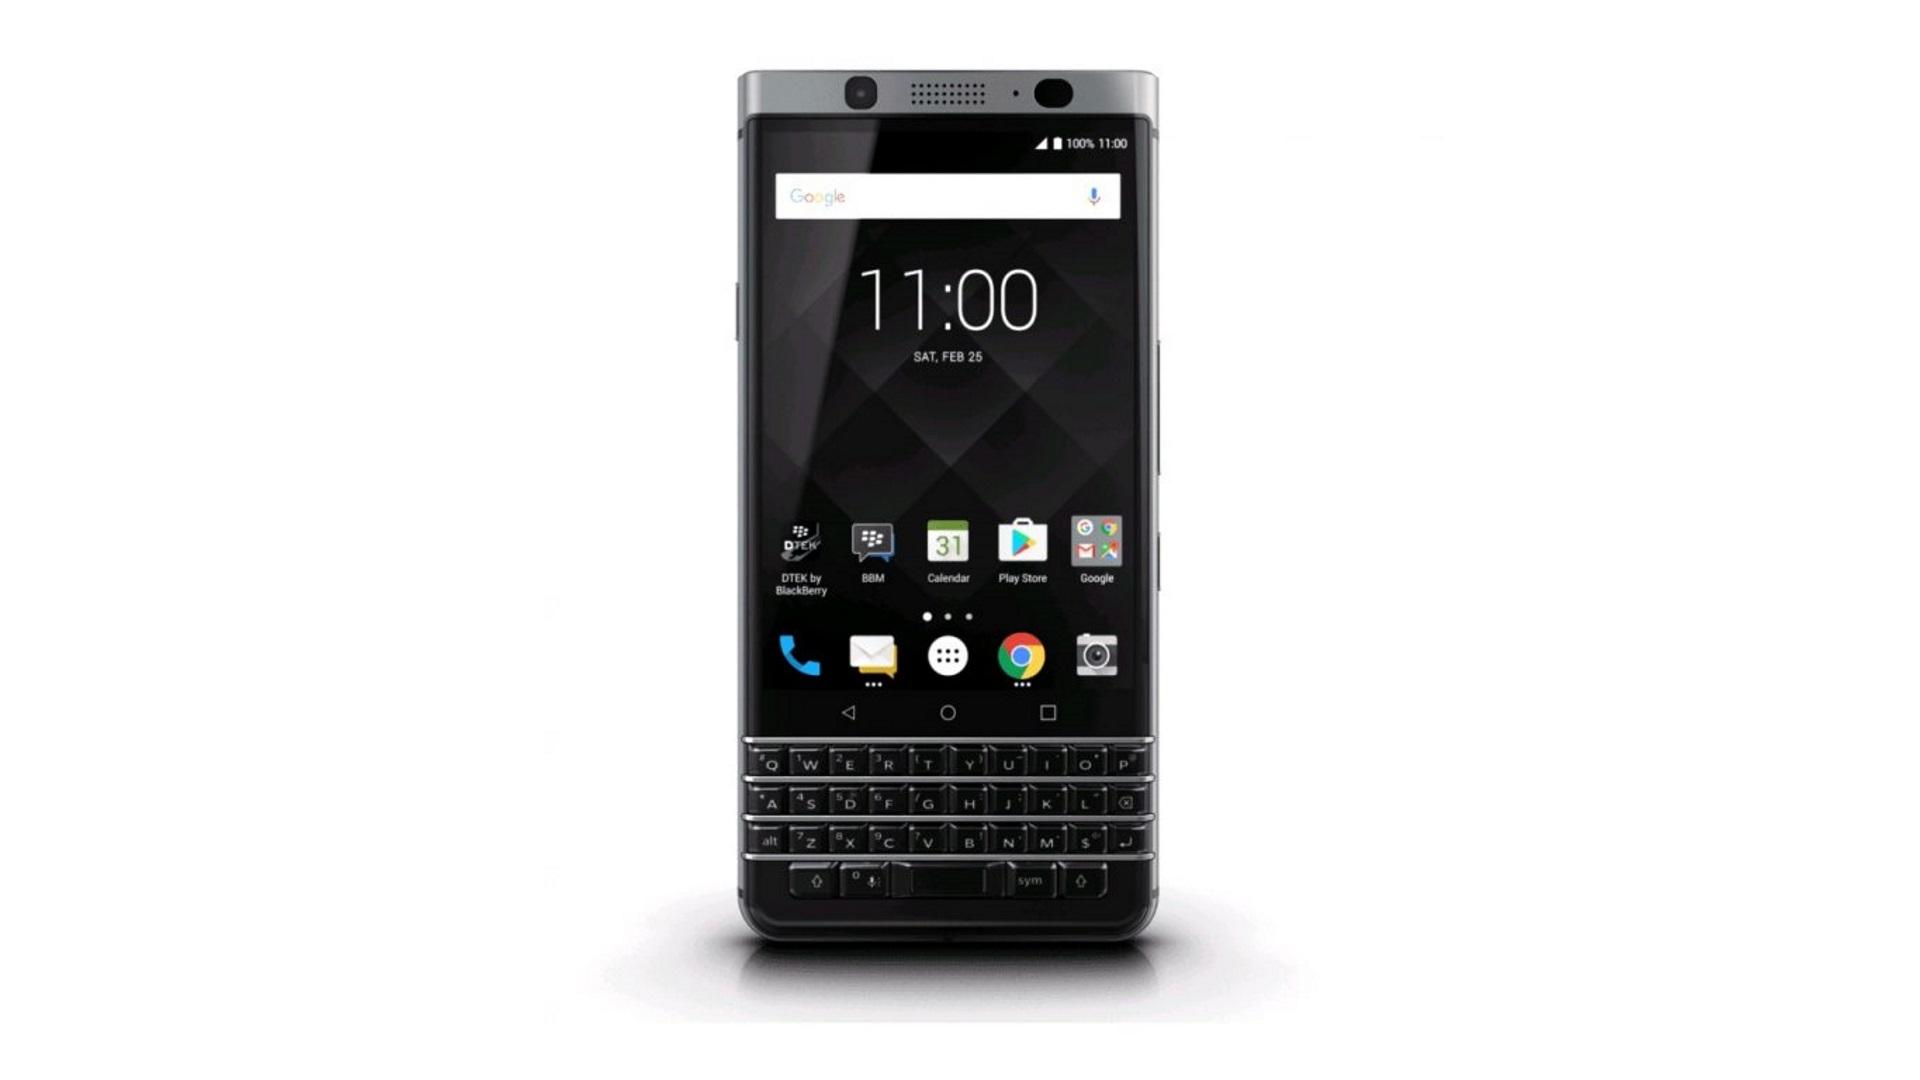 FOX、「BlackBerry KEYone」を6月29日より69,800円で国内発売【追記】